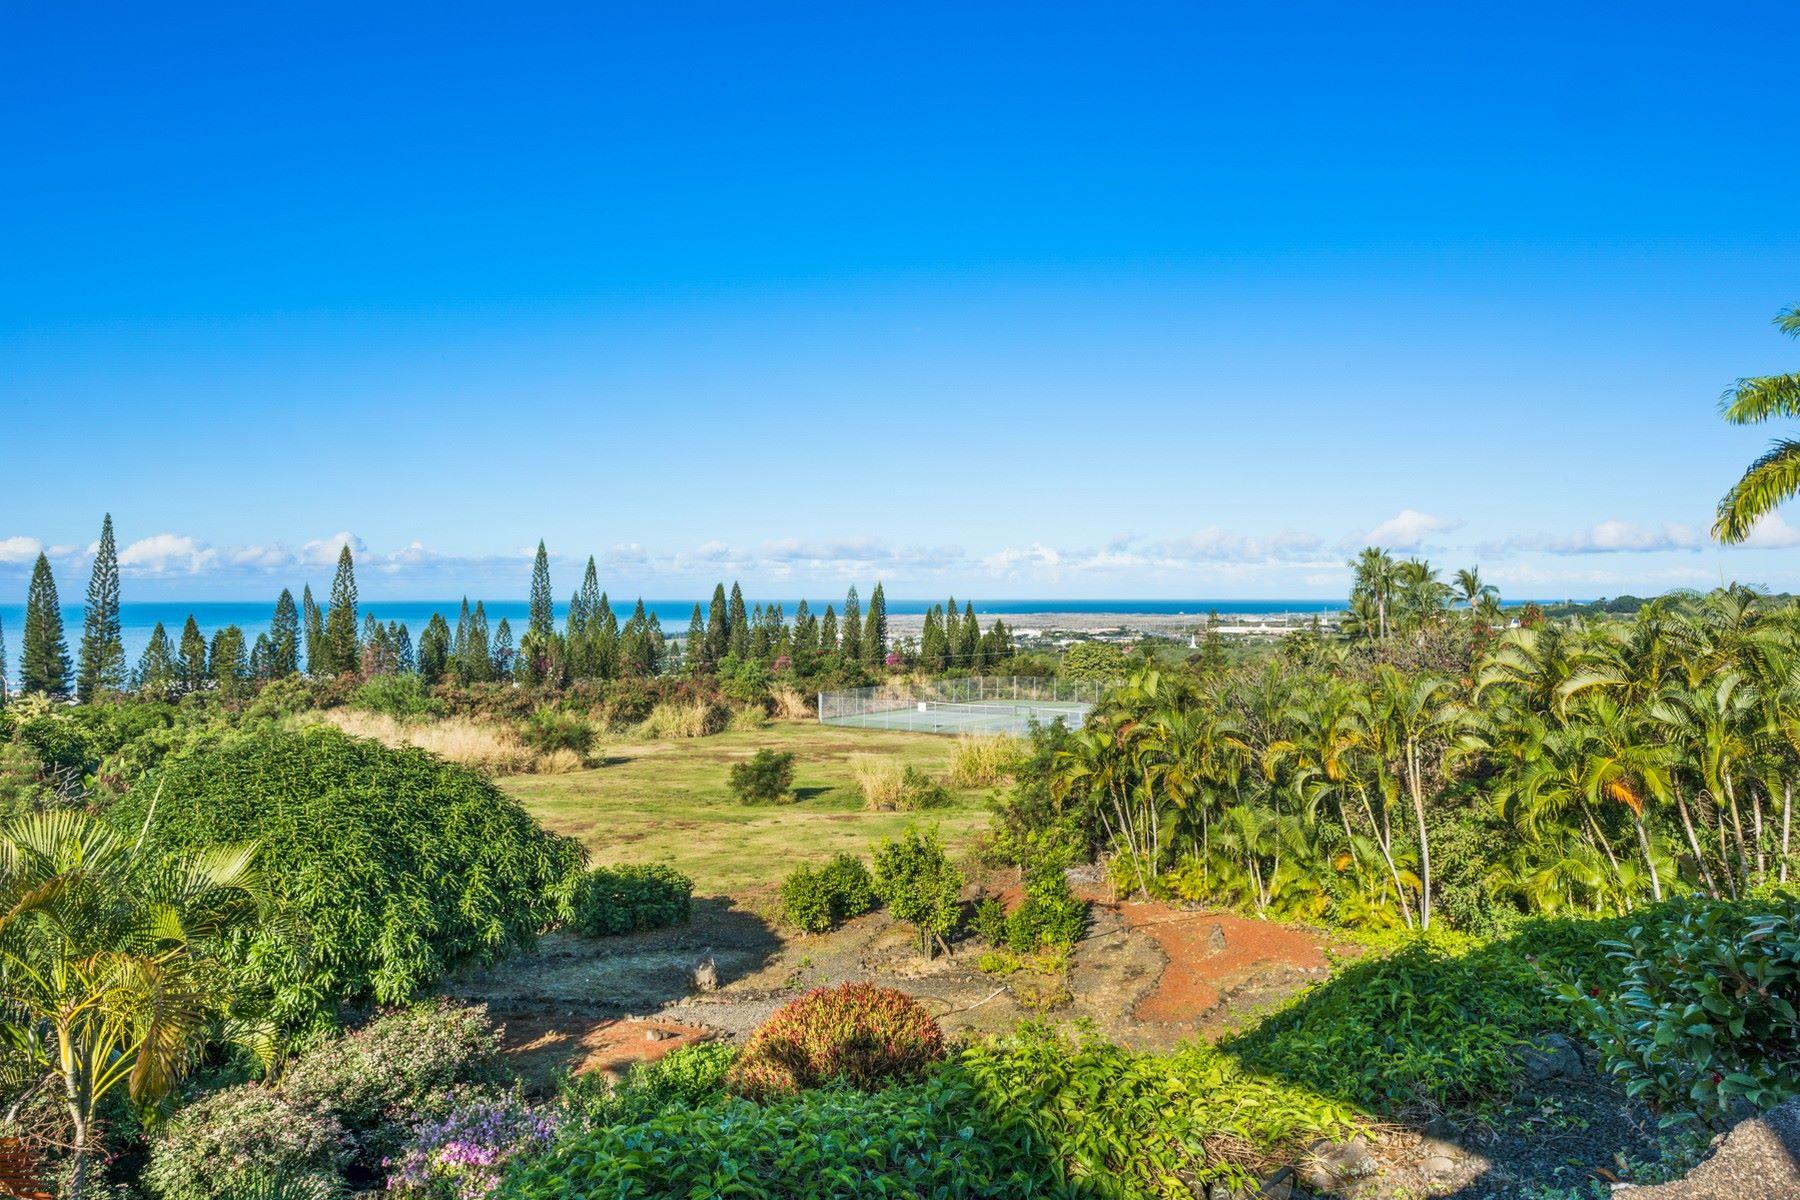 独户住宅 为 销售 在 Kailua View Subdivision 75-5820 Welo St., 纳市, 夏威夷, 96740 美国